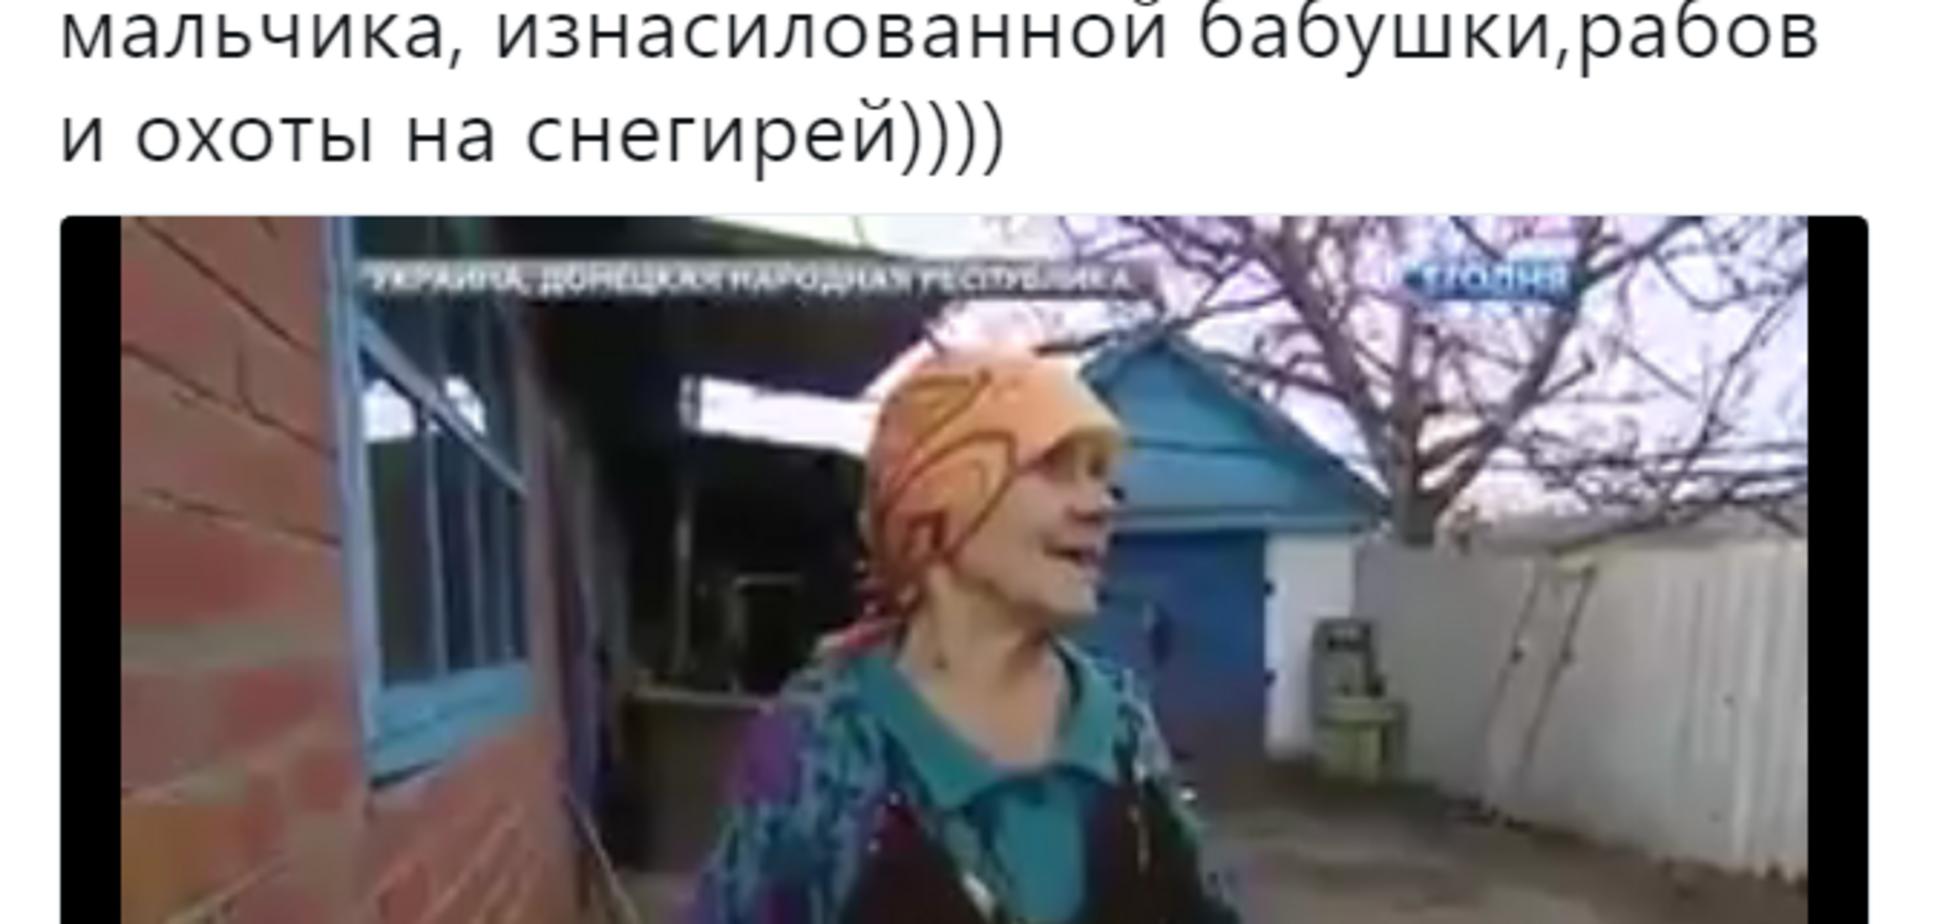 От авторов 'распятого мальчика': КремльТВ рассмешило новой страшилкой о 'правосеках'